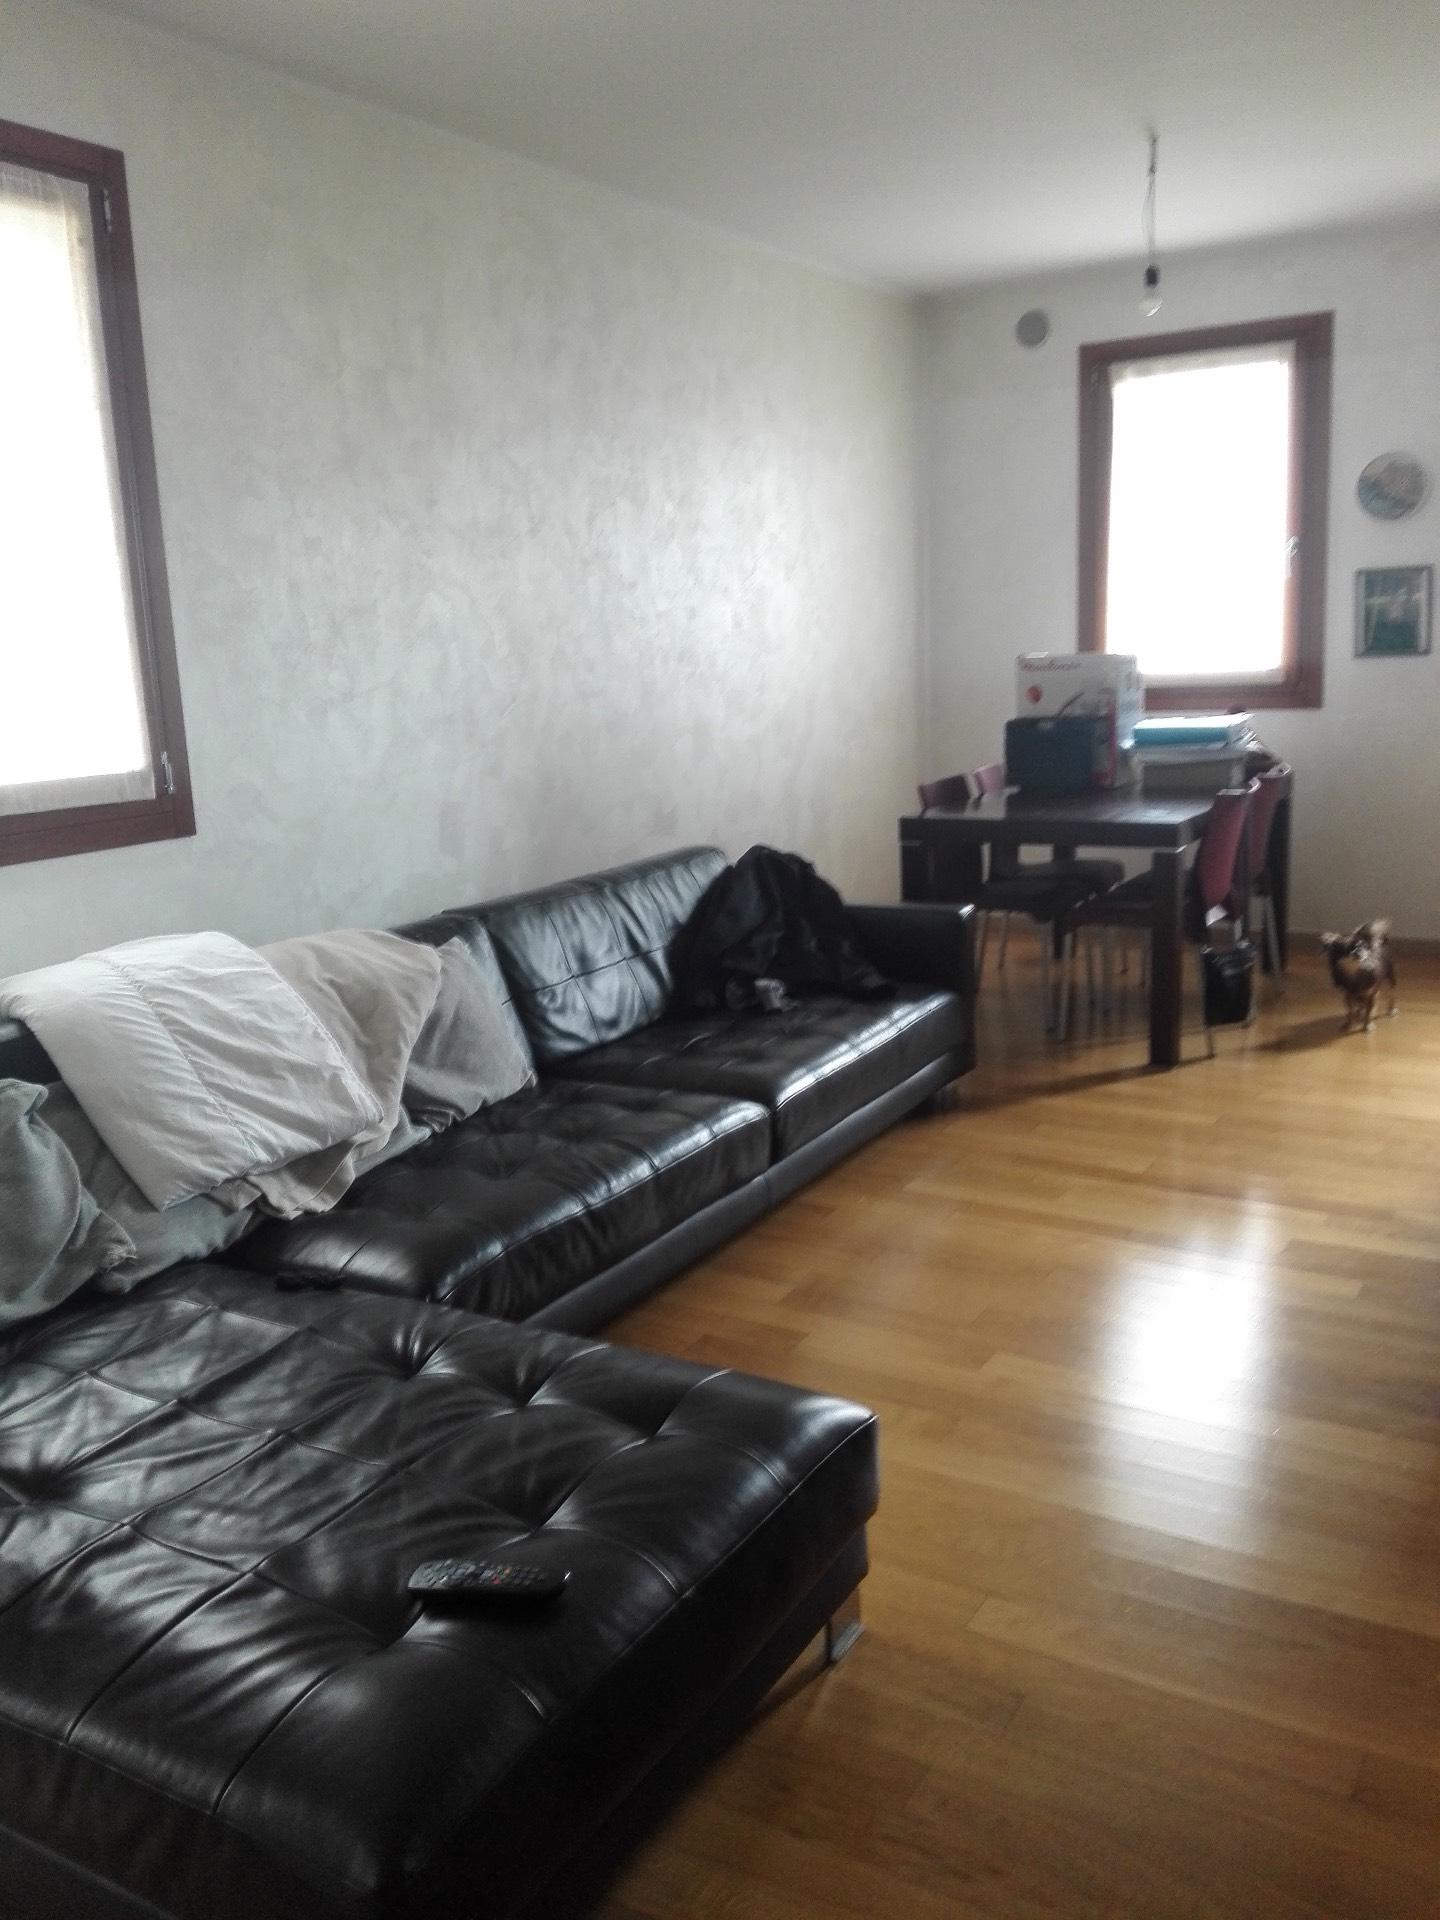 Appartamento in vendita a Santa Lucia di Piave, 5 locali, zona Zona: Sarano, prezzo € 160.000 | CambioCasa.it